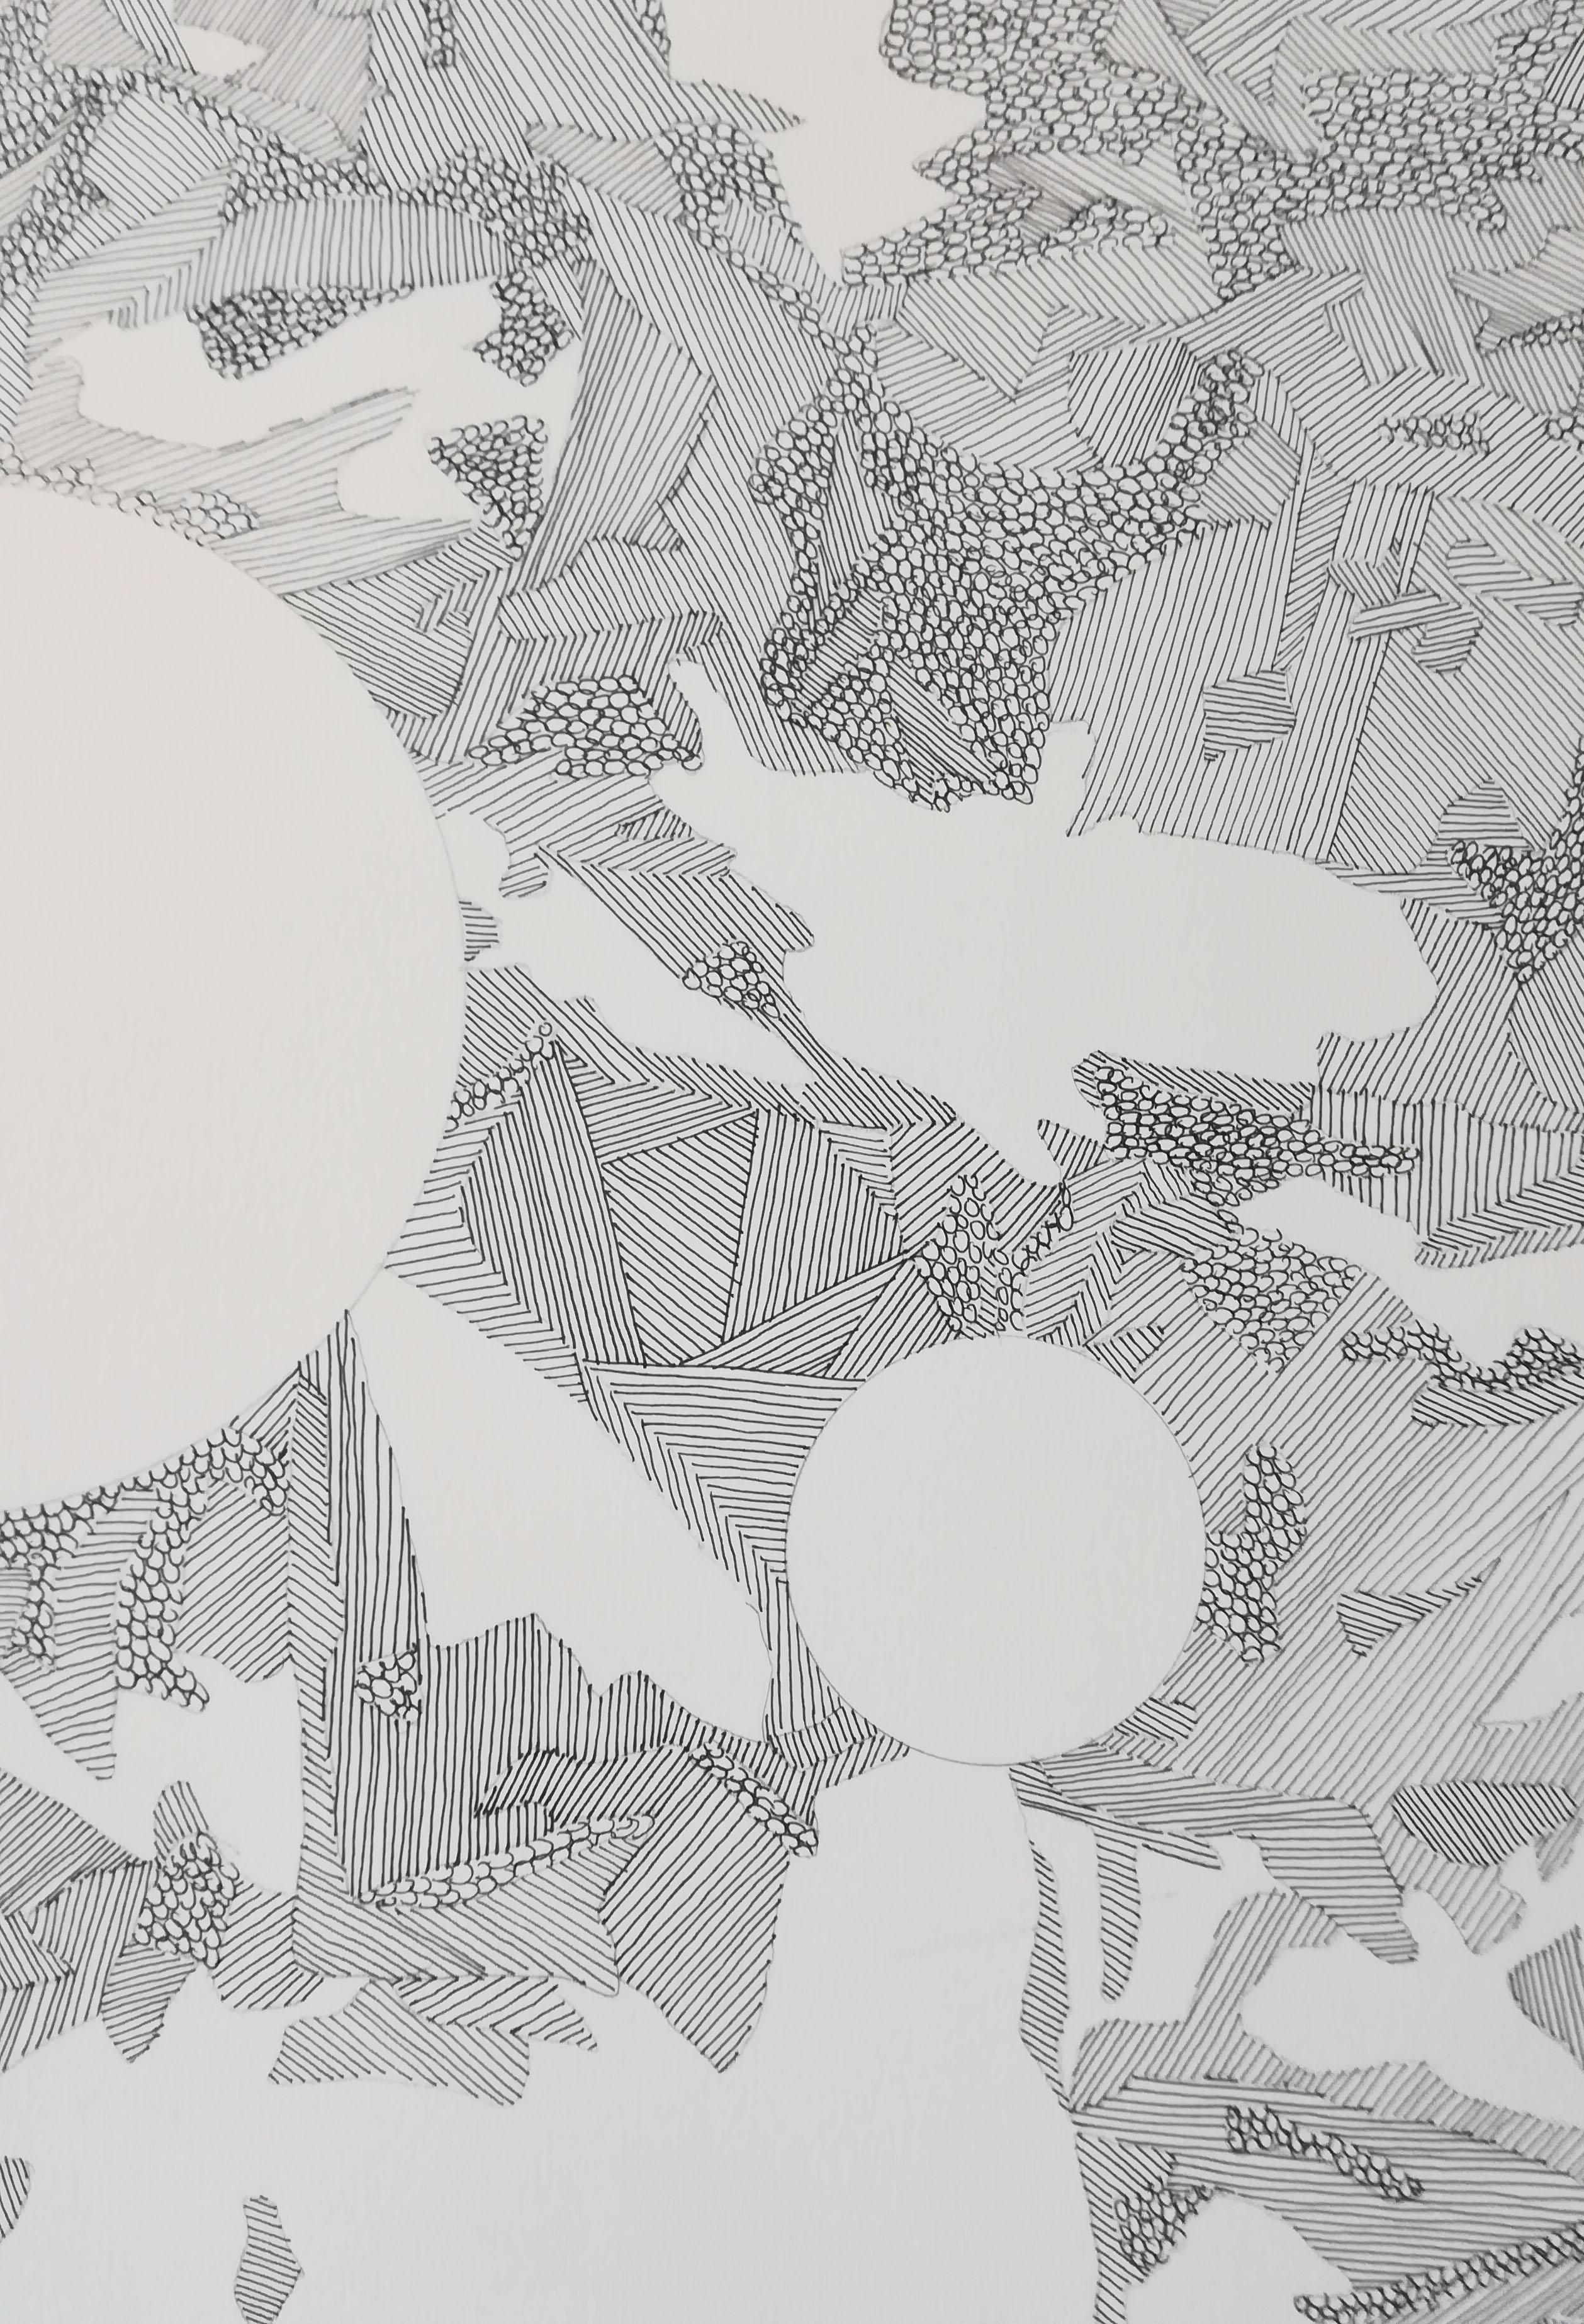 White Spots, detail 3